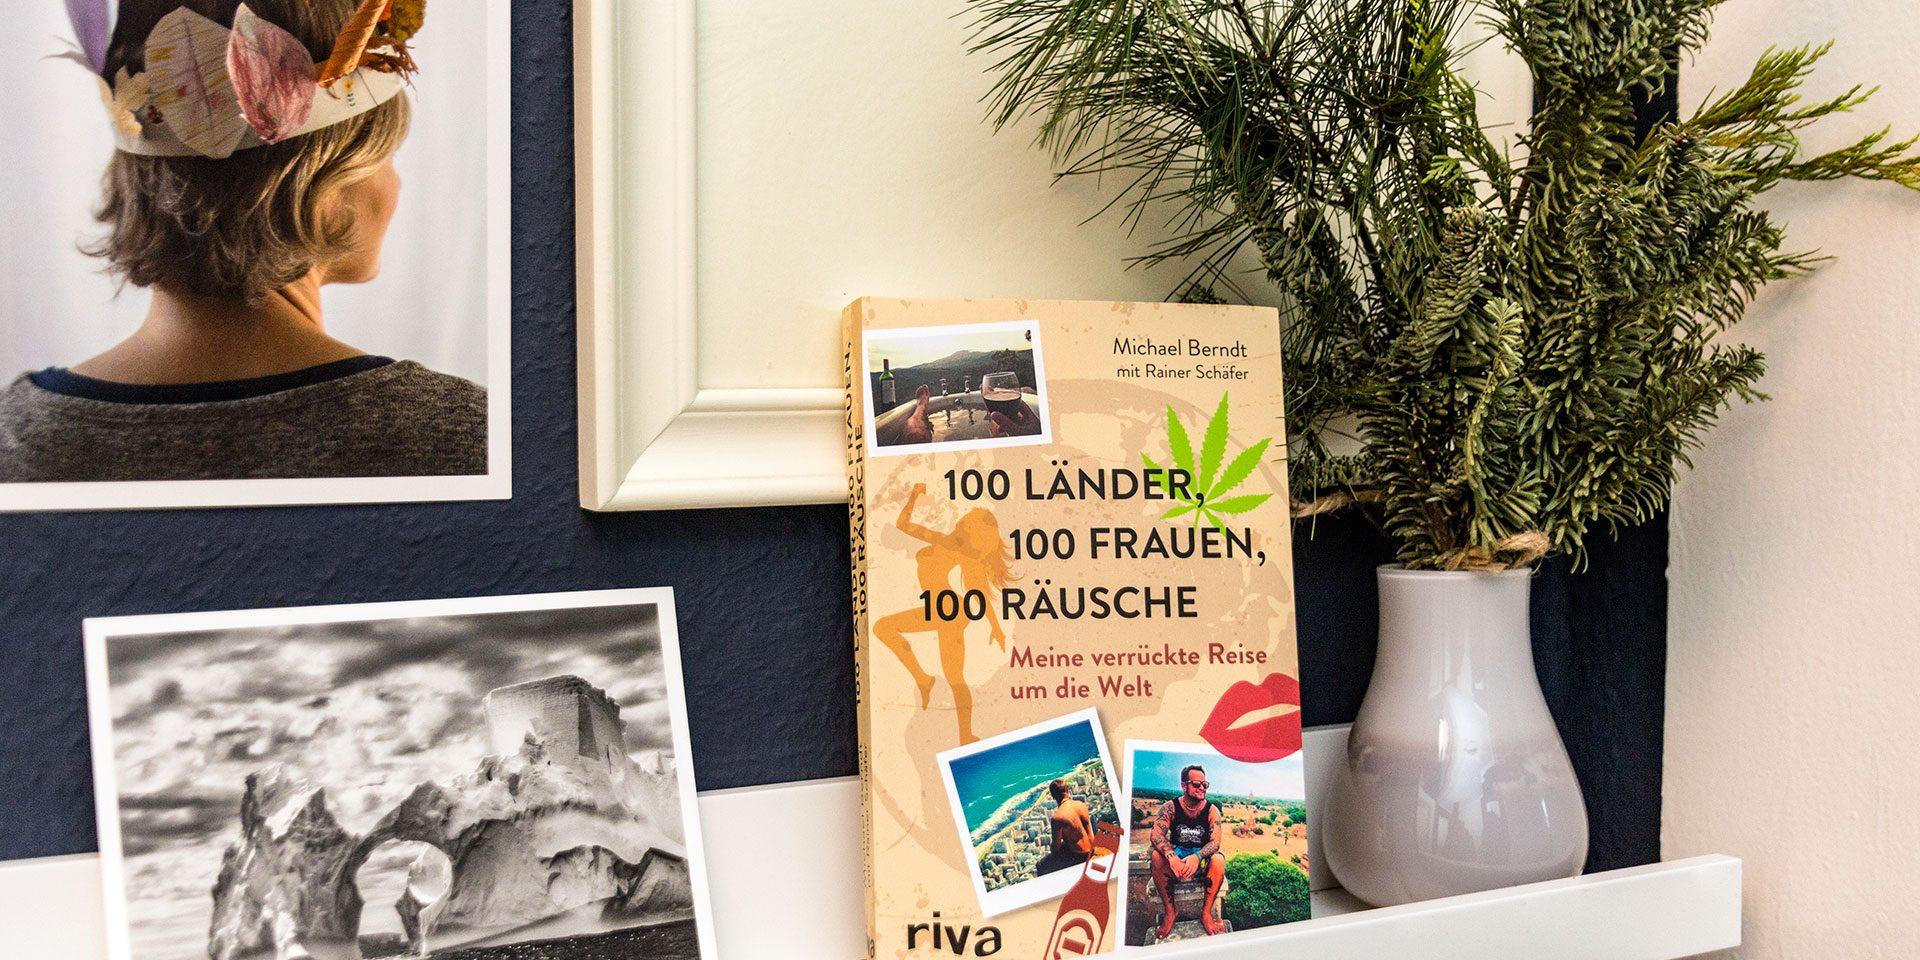 100 Länder, 100 Frauen, 100 Räusche – unterhaltsame Literatur.